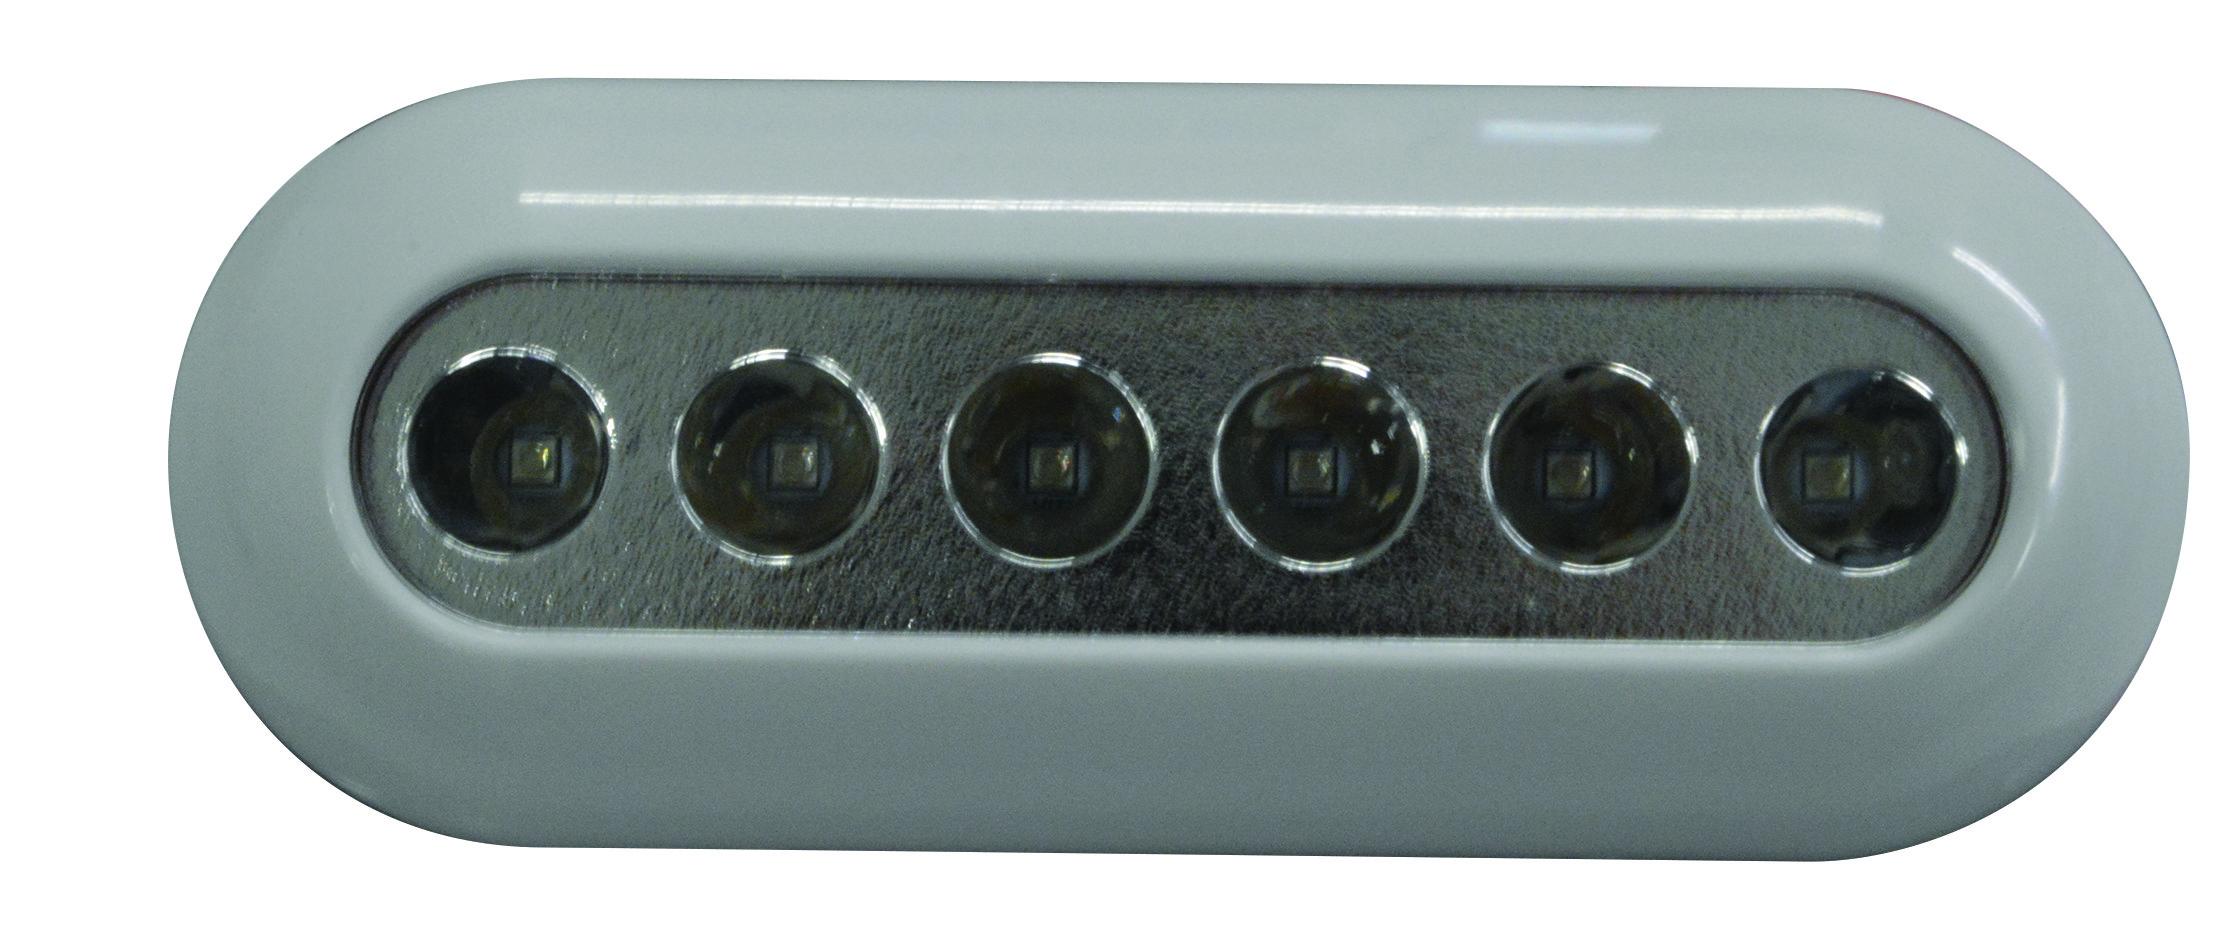 73.4 - Υποβρύχιο Φως Led Χρώμα Μπλε 12/24V 6 Led L160,7xW59,2xT22mm